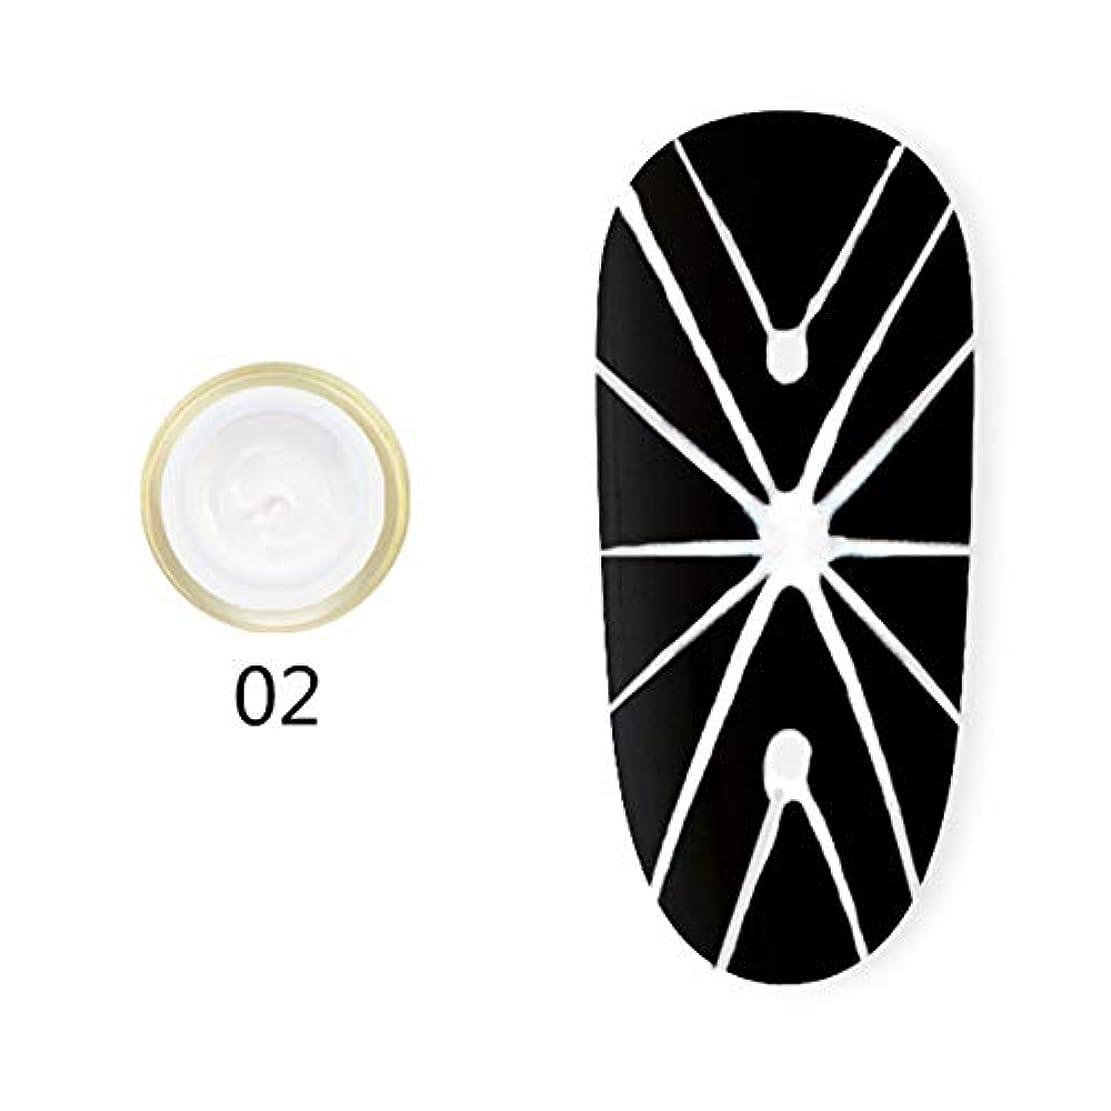 評議会レクリエーション空気hamulekfae-弾性クモ画線ワイヤーペインティングジェルDIY UVネイルジェルポリッシュラッカー White